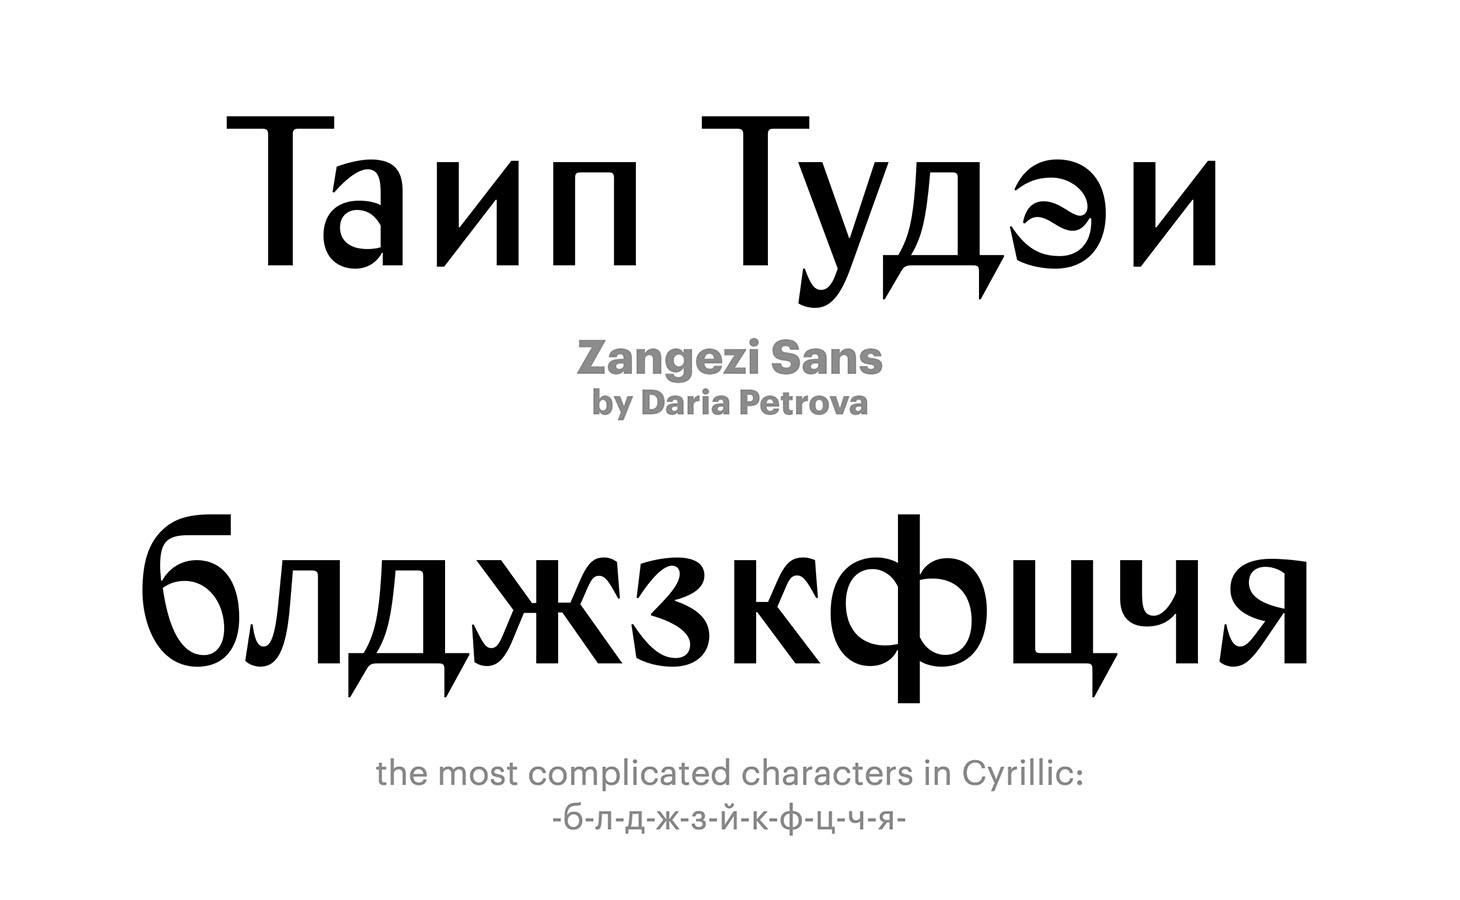 Zangezi-Sans